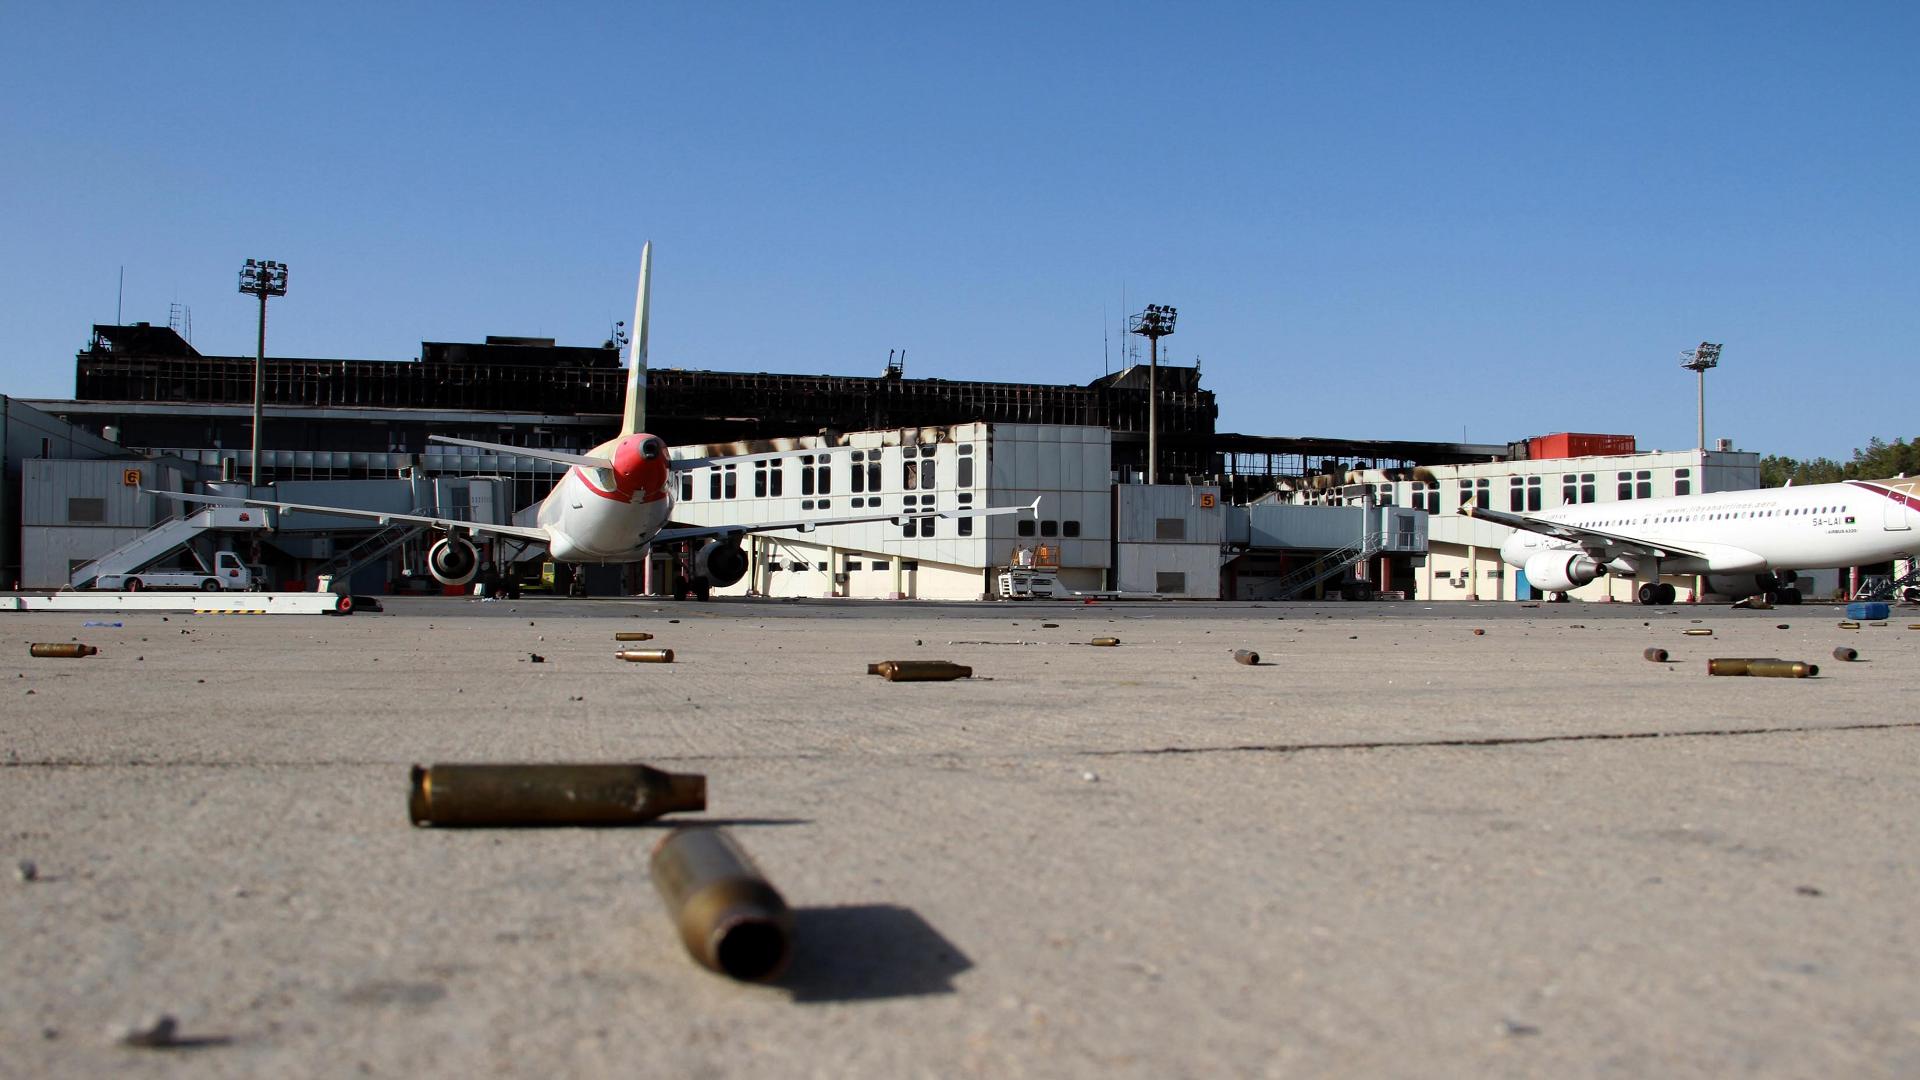 مقتل حارس وإصابة آخرين جراء سقوط قذائف في مطار العاصمة الليبية